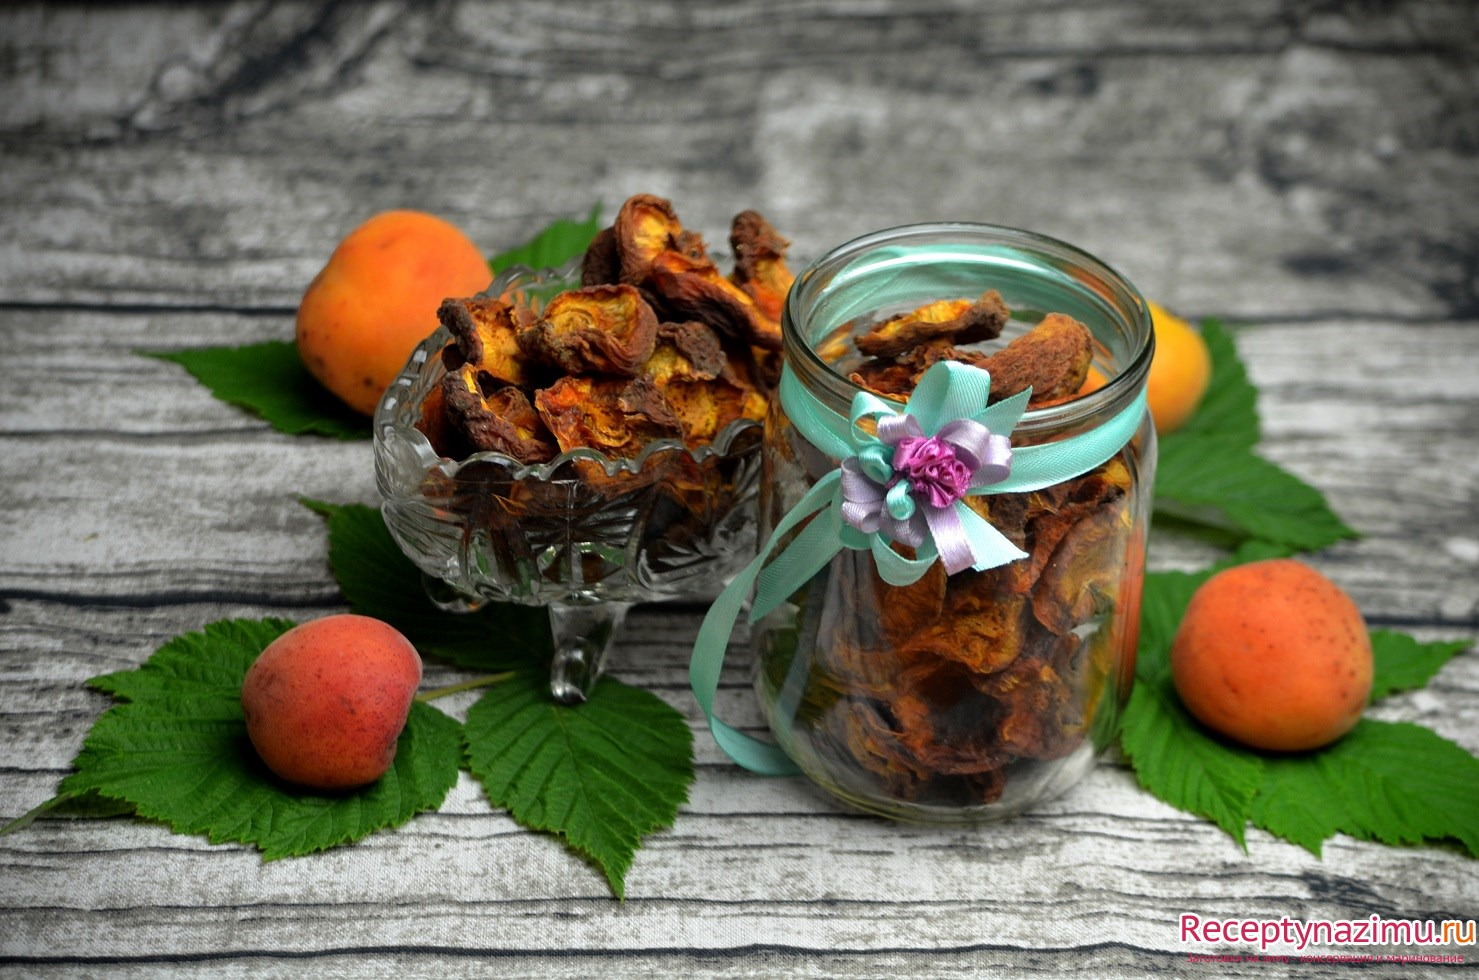 Как хранить абрикосы на зиму в домашних условиях